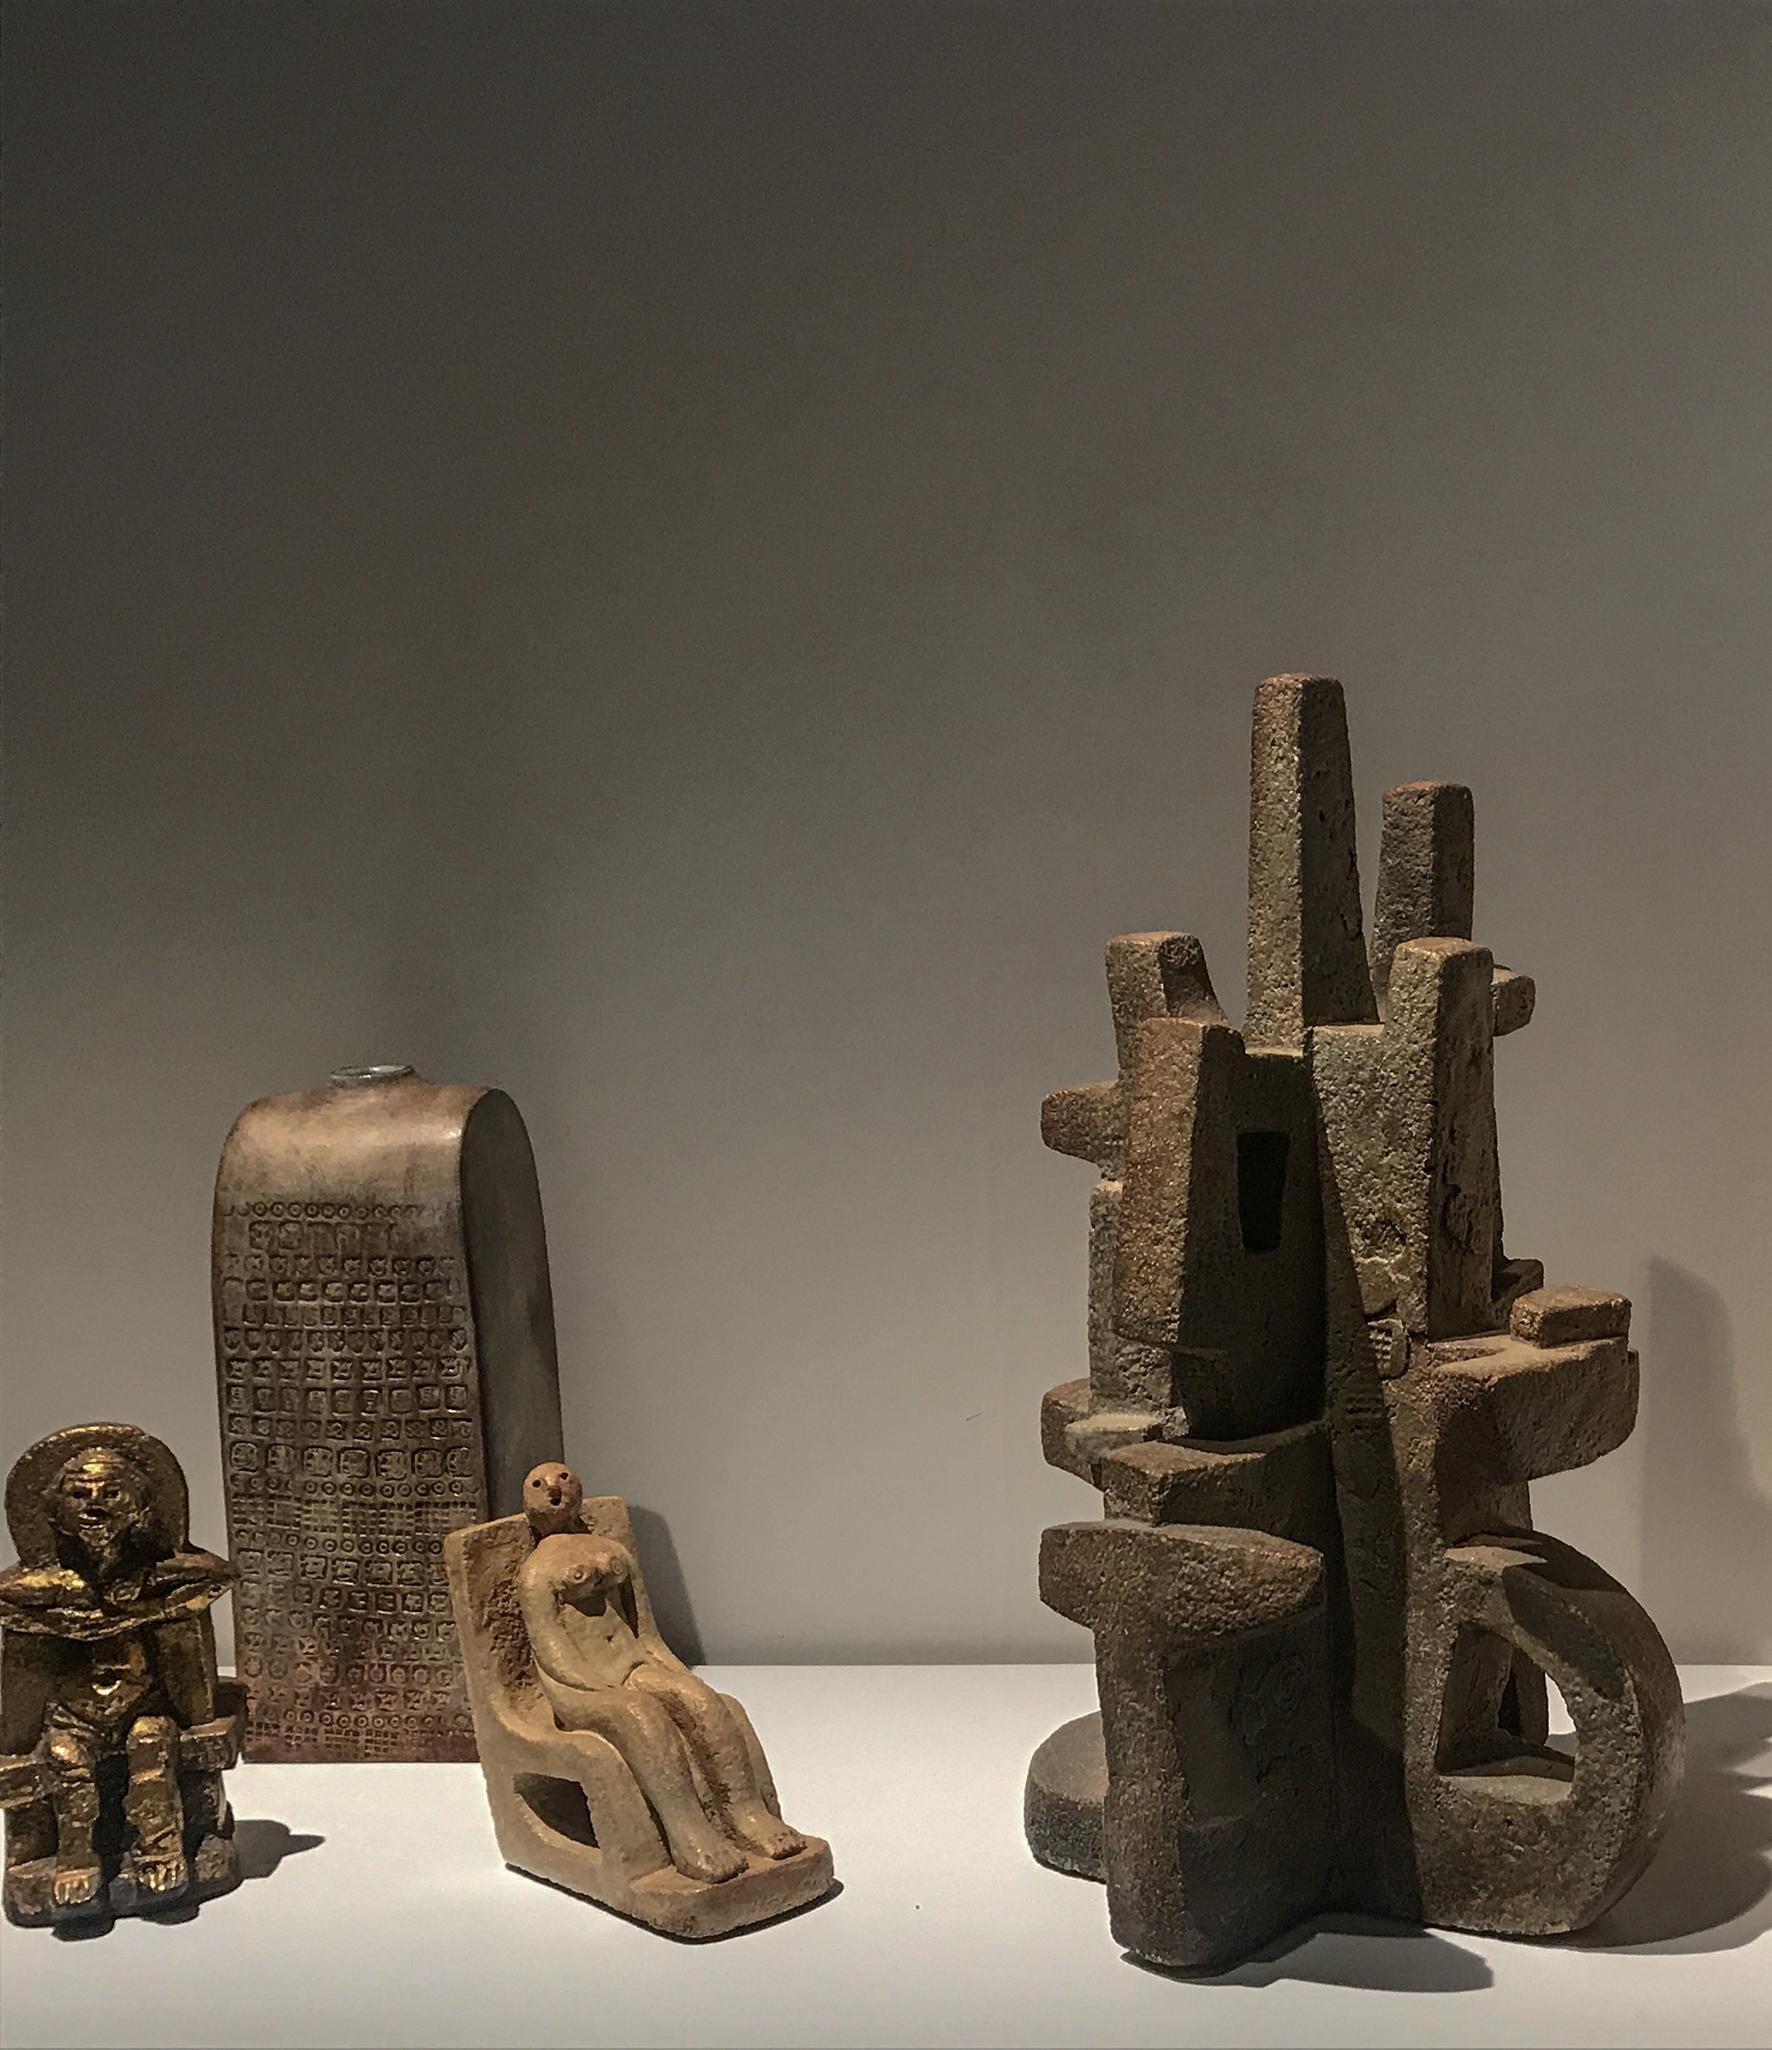 Lebreton Gallery - Design Miami/Basel 2018  Left to right: 'Personnage sur un Trône' - ceramic, 18 cm, 'Vase Empreintes' in glazed ceramic (31 cm) 'Personnage dans un Fauteuil' - ceramic (15.5 cm), and Cactus (47 cm) ca. 1970 by Eugene Fidler